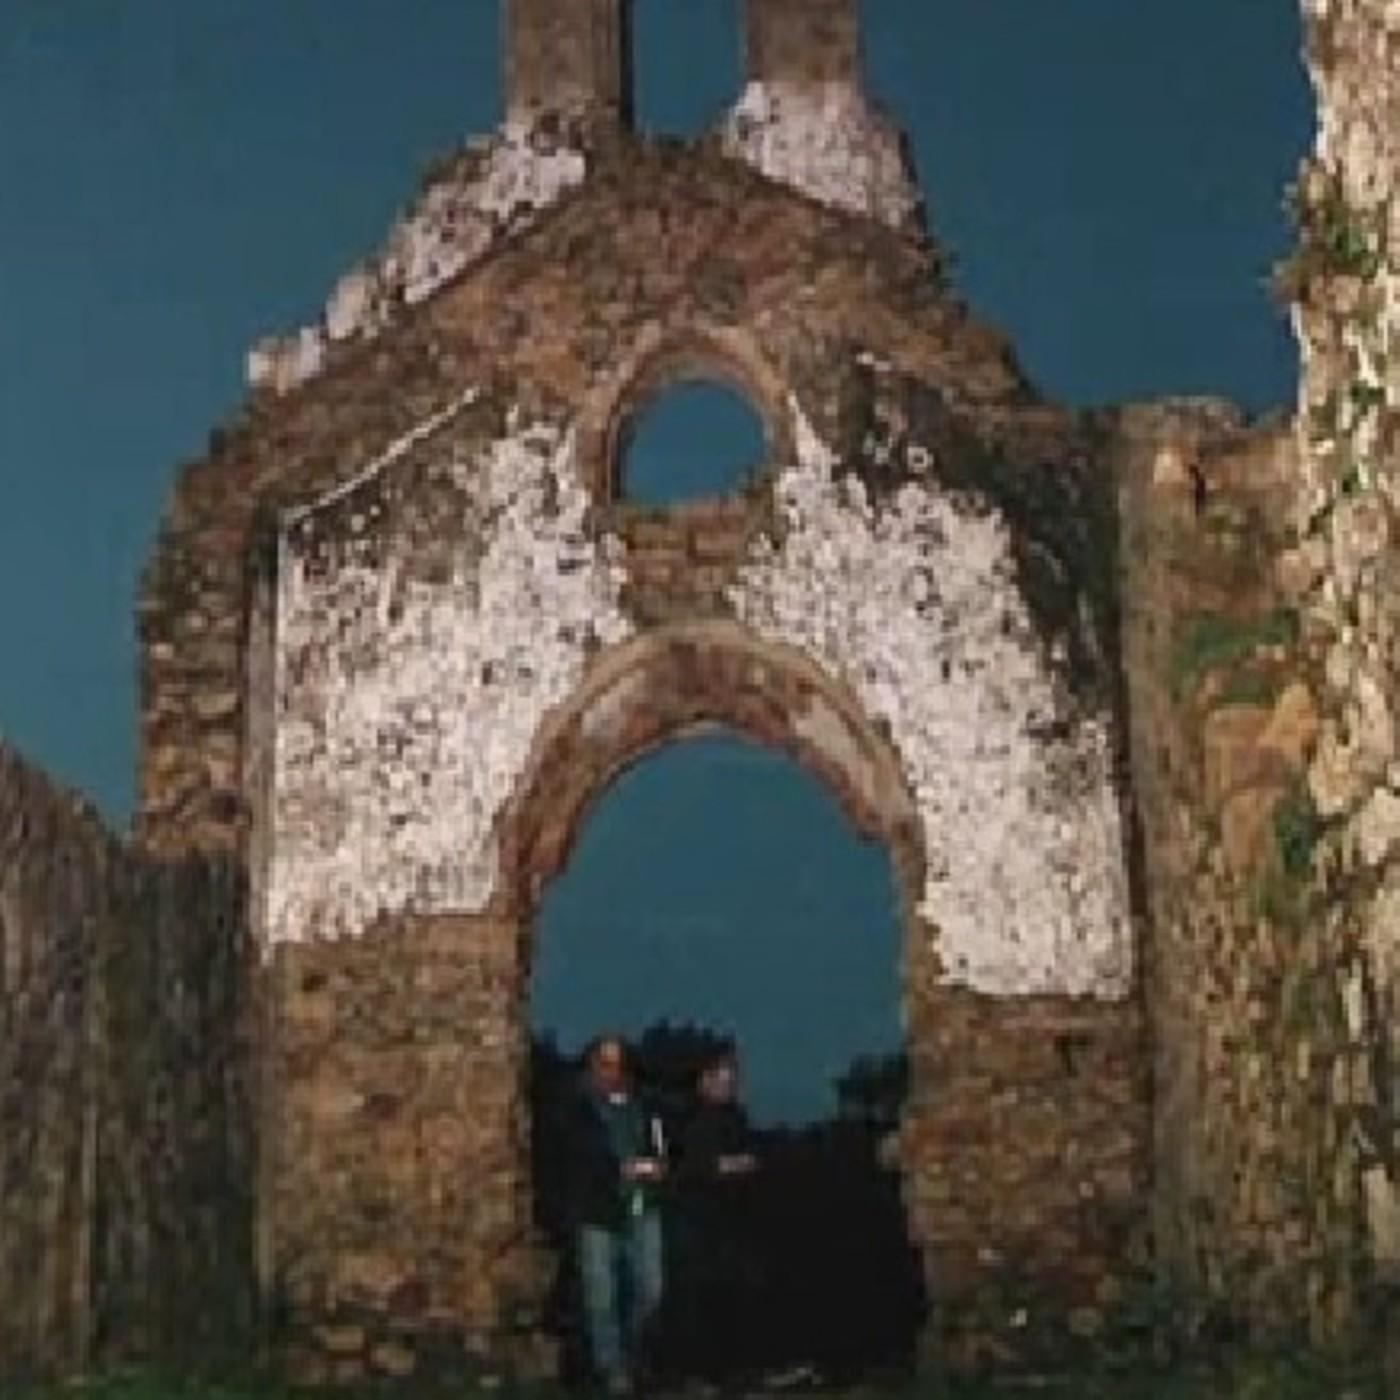 Cuarto milenio: Presencias inexplicables en la Ermita de la Sauceda ...